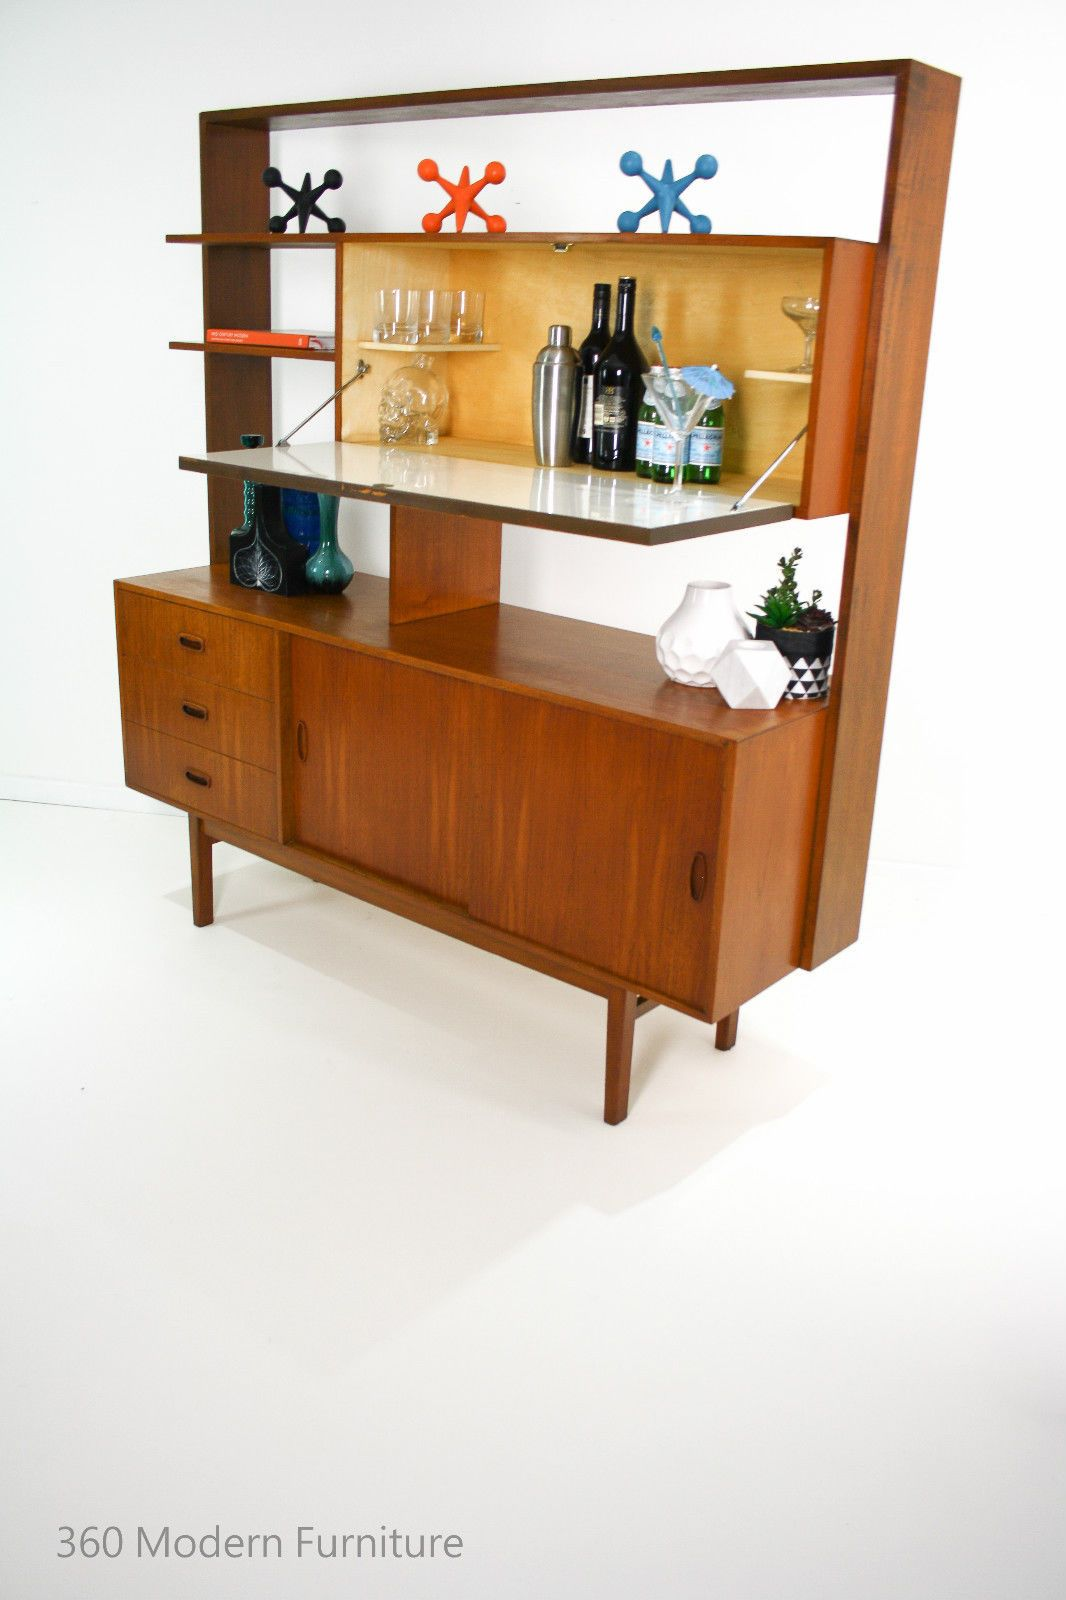 Mid Century Teak Sideboard Room Divider Bar Shelves Cabinet Vintage on